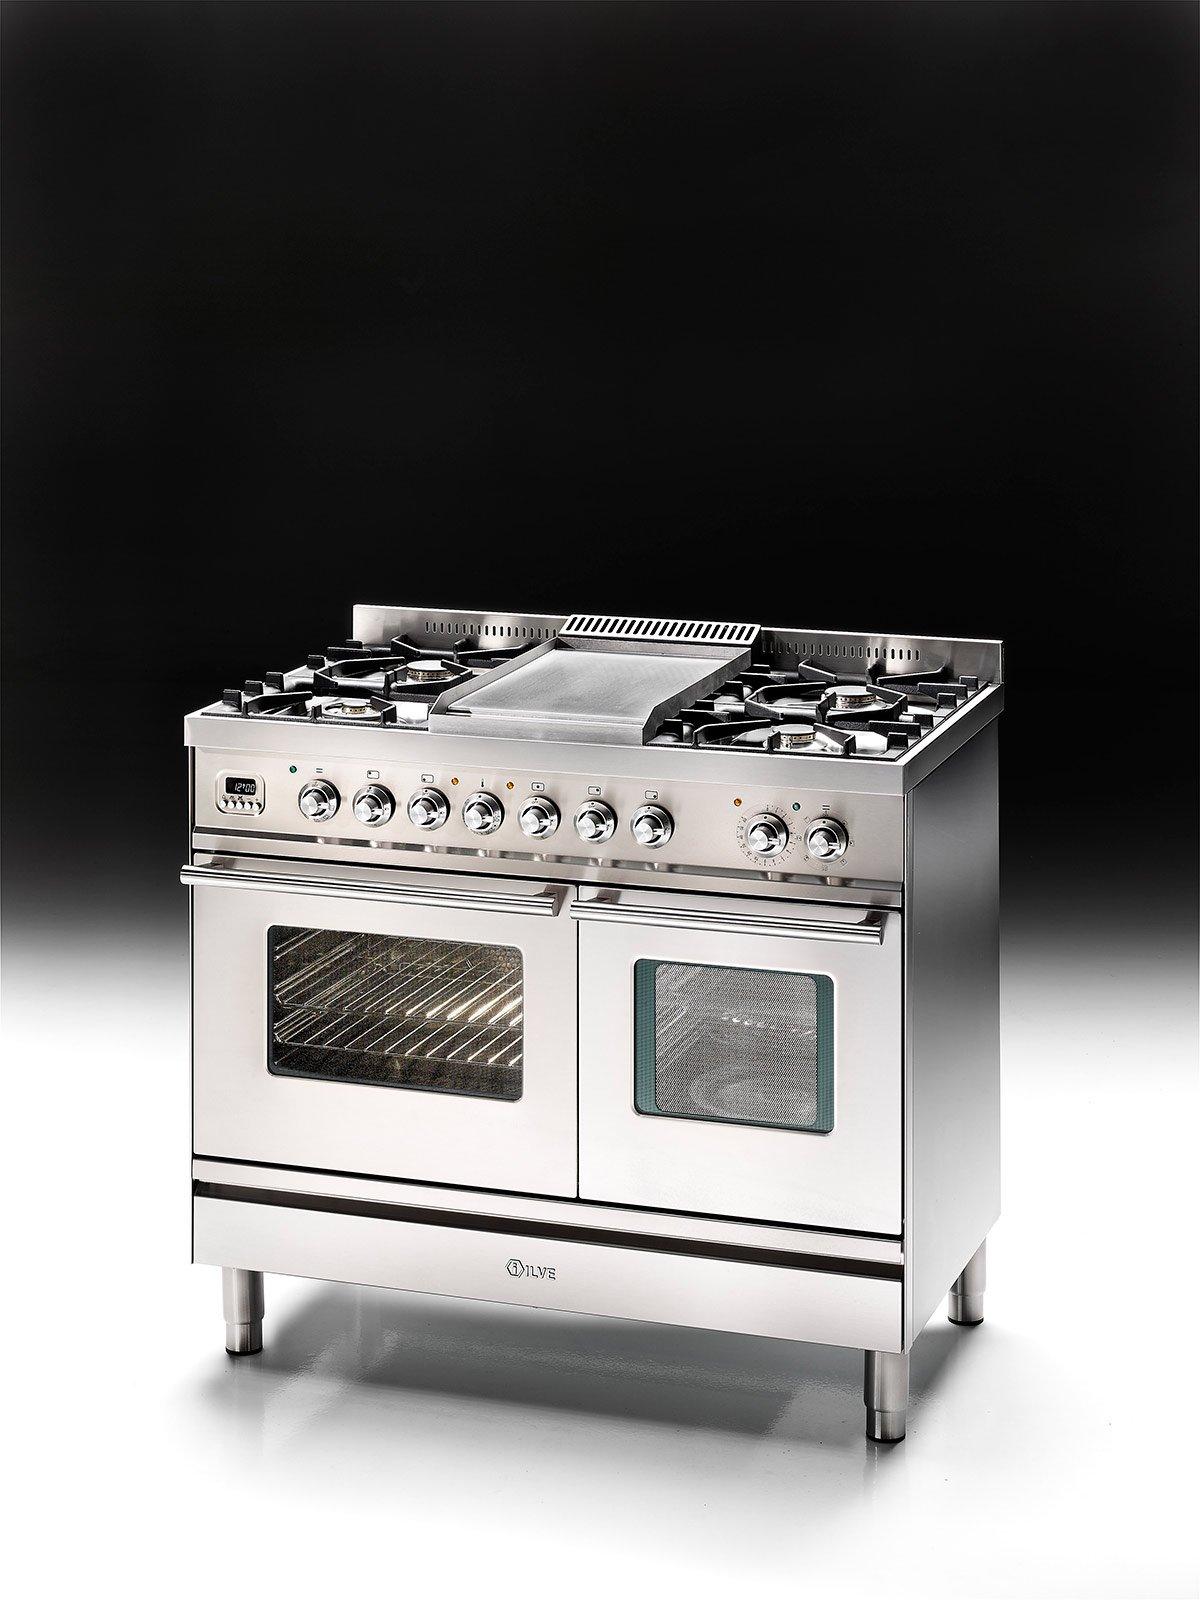 Cucina monoblocco piano cottura e forno tutto in uno - Forno combinato microonde ed elettrico ...